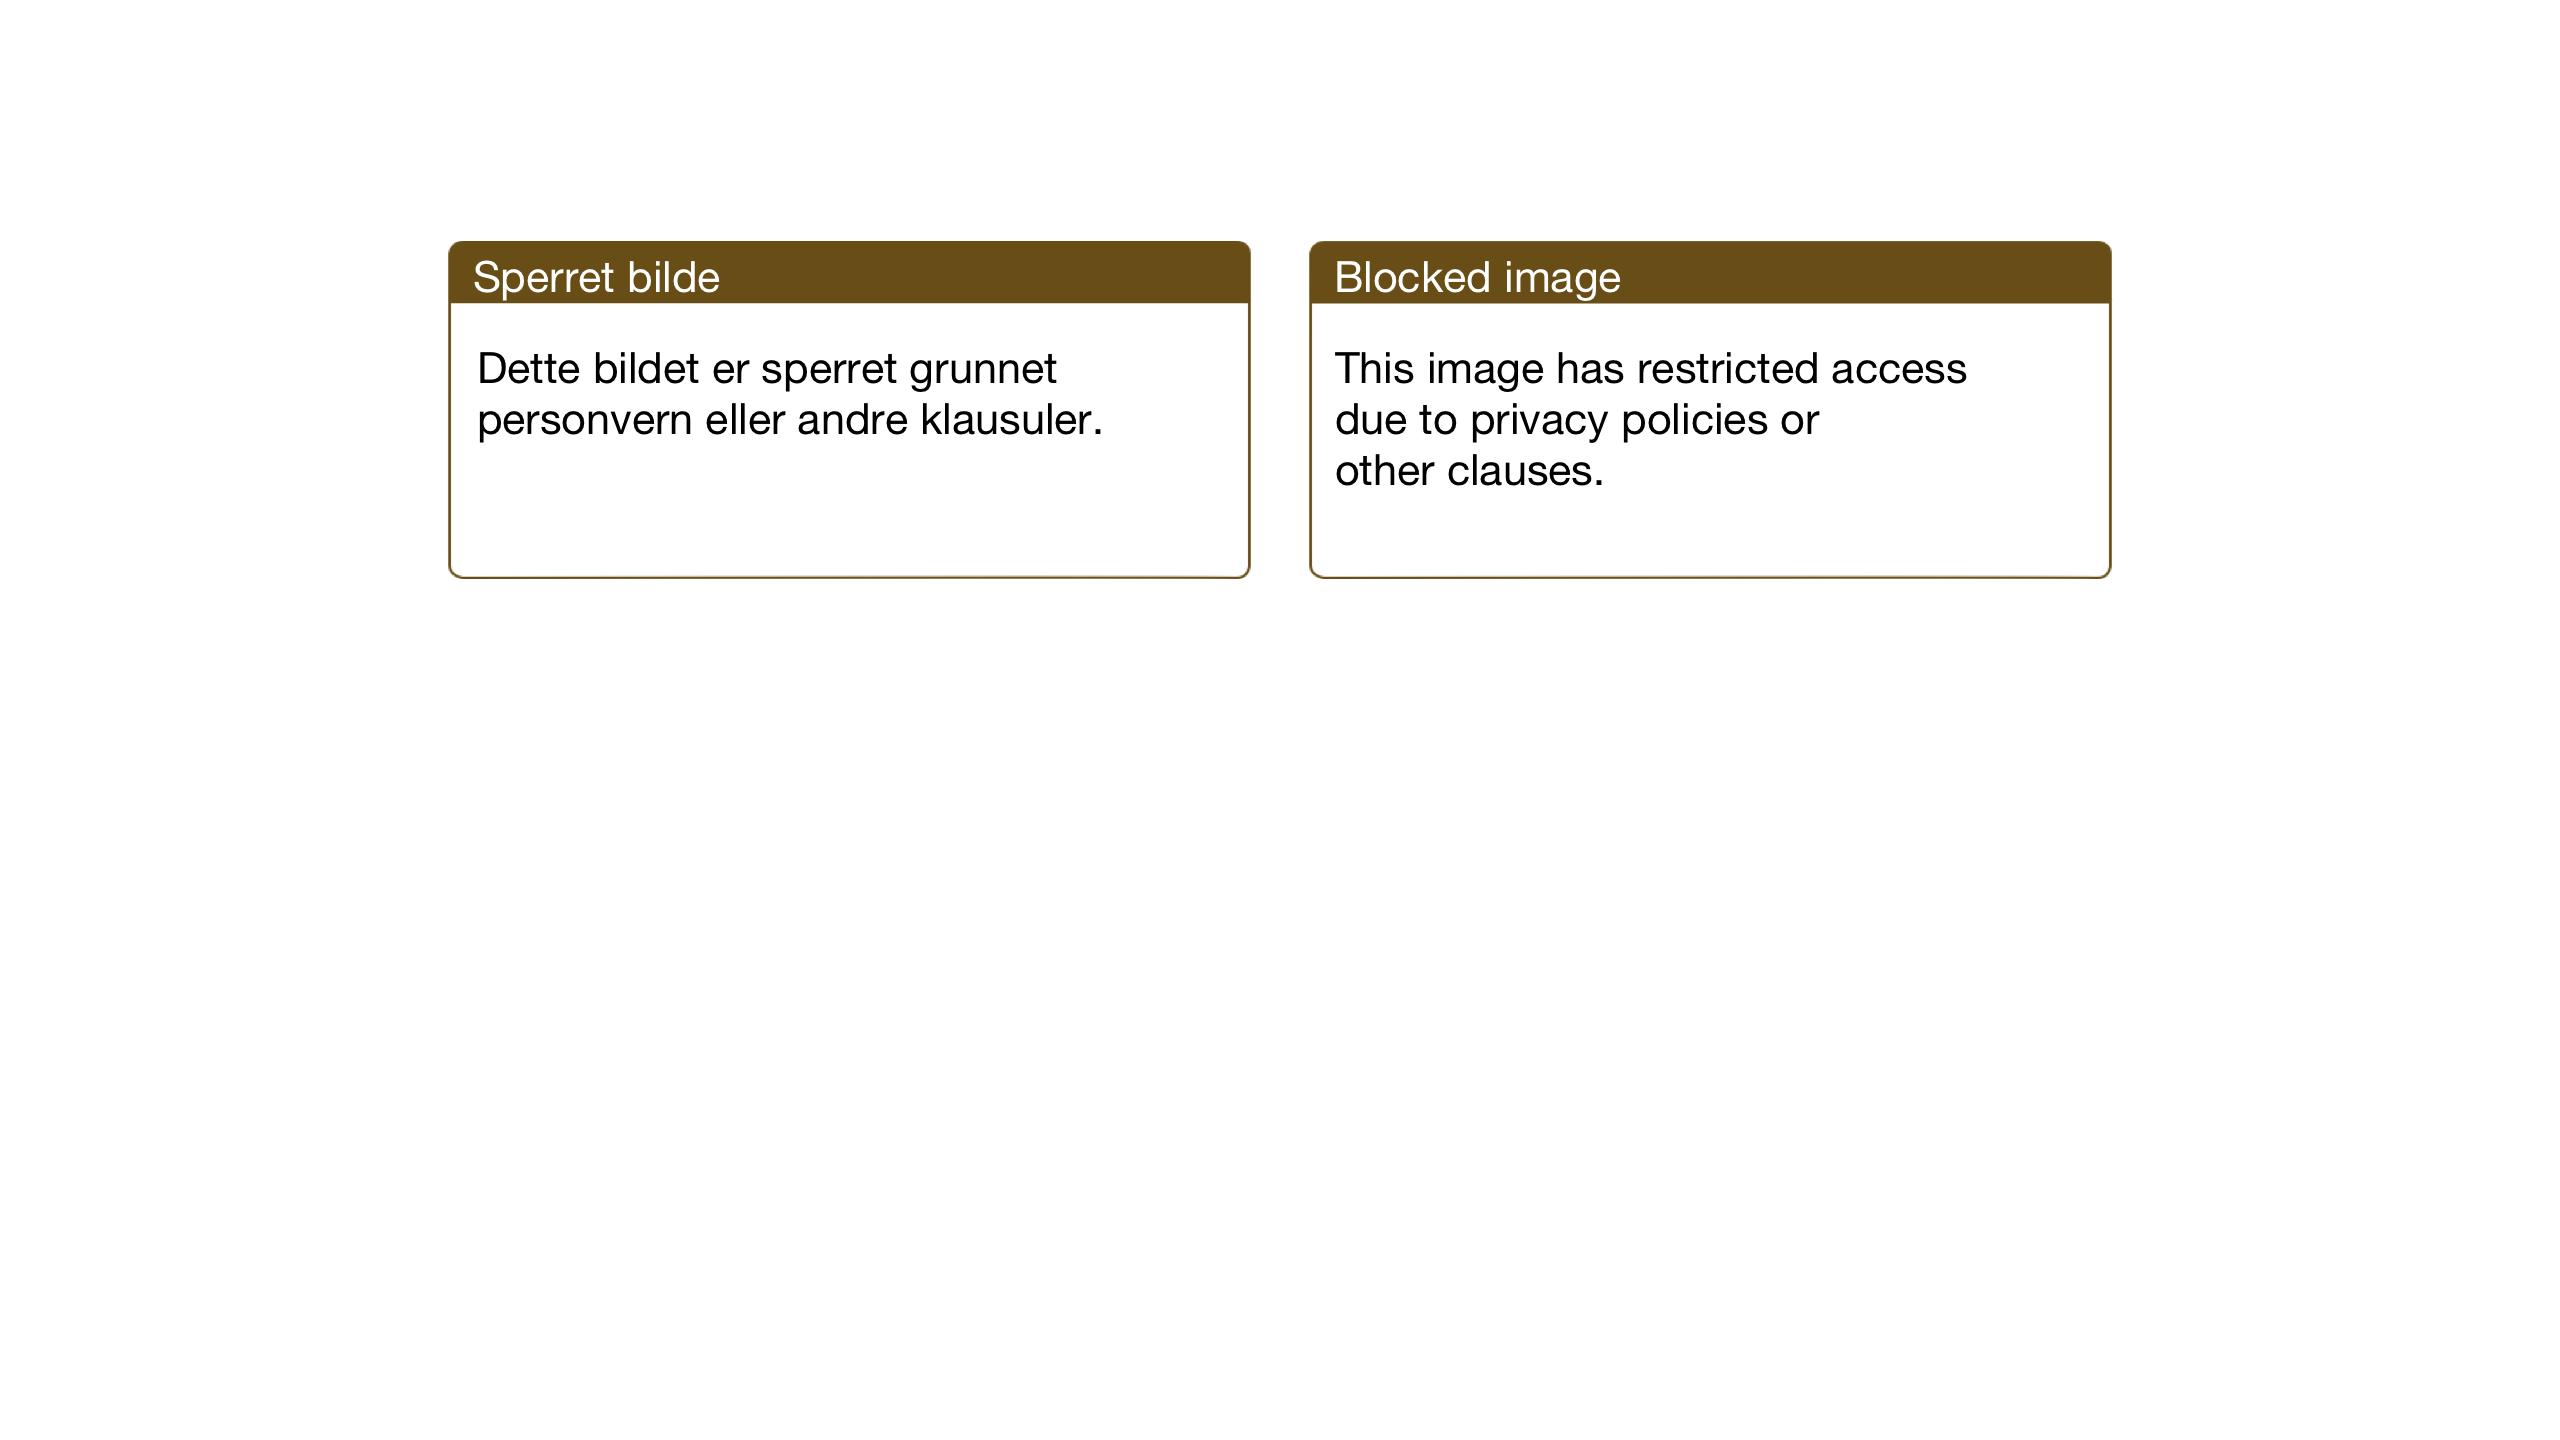 SAT, Ministerialprotokoller, klokkerbøker og fødselsregistre - Sør-Trøndelag, 617/L0433: Klokkerbok nr. 617C04, 1942-1947, s. 7